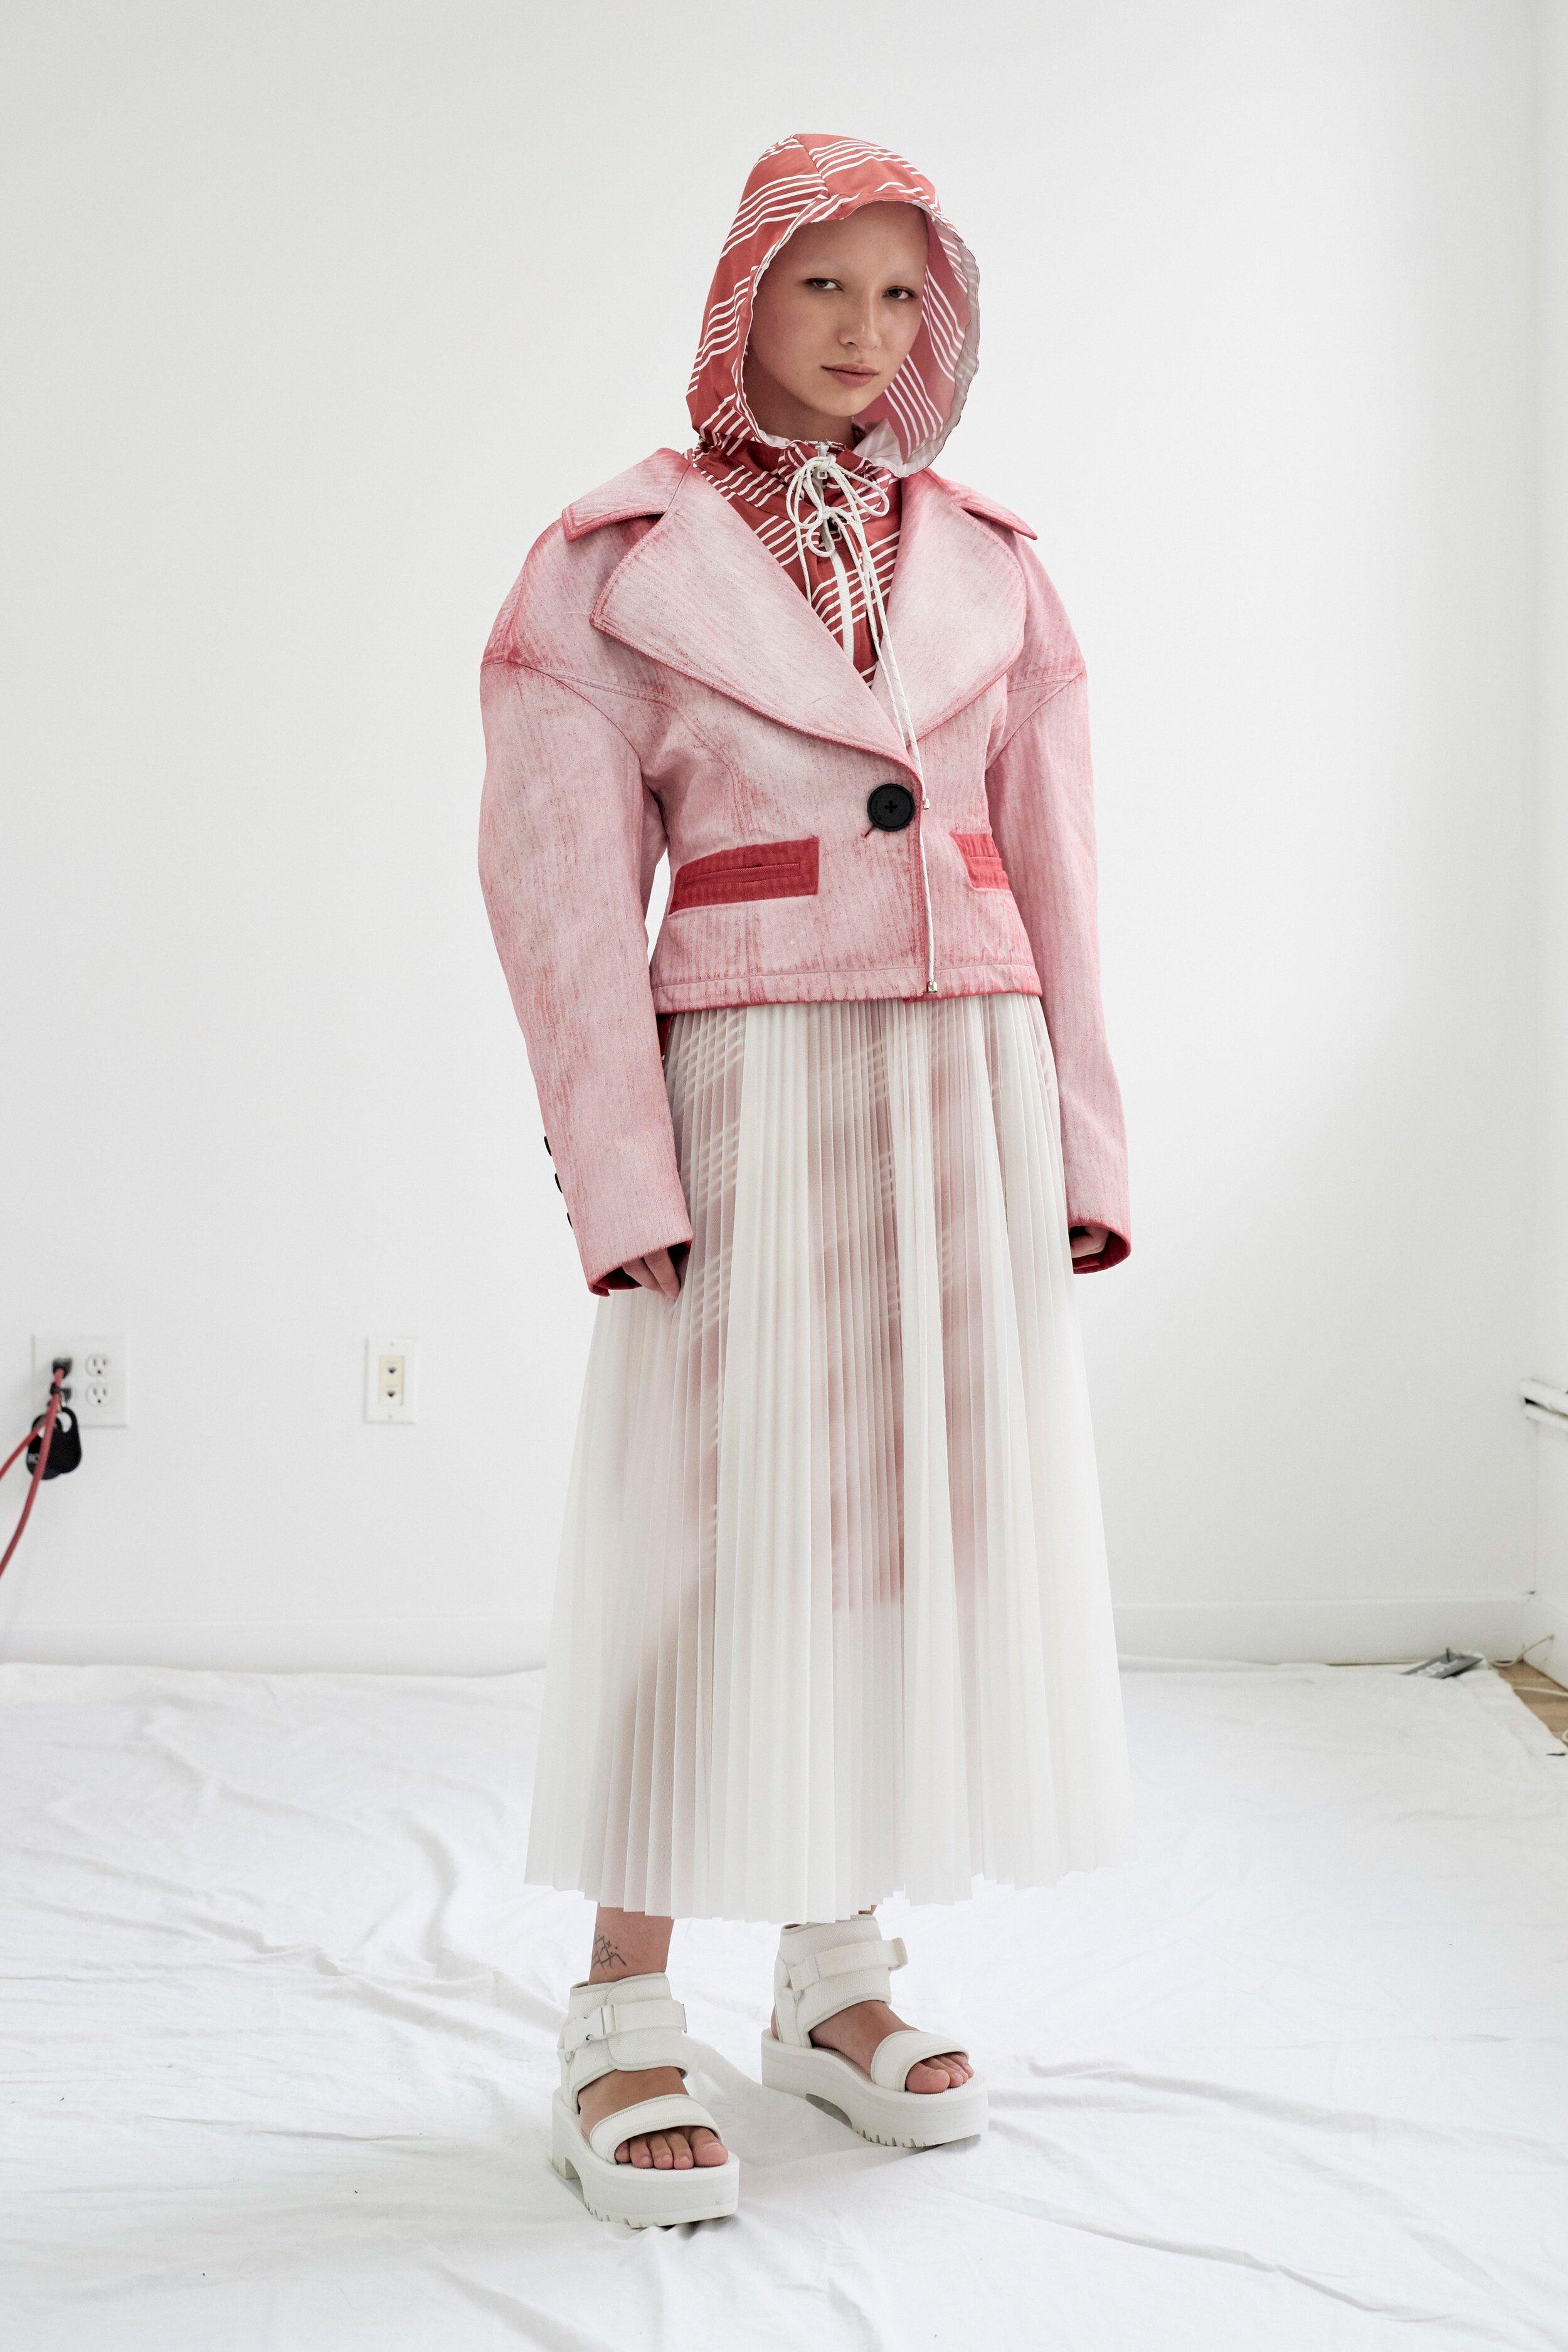 00004-Claudia-Li-RTW-2020-Ready-To-Wear-Spring-2020.jpg